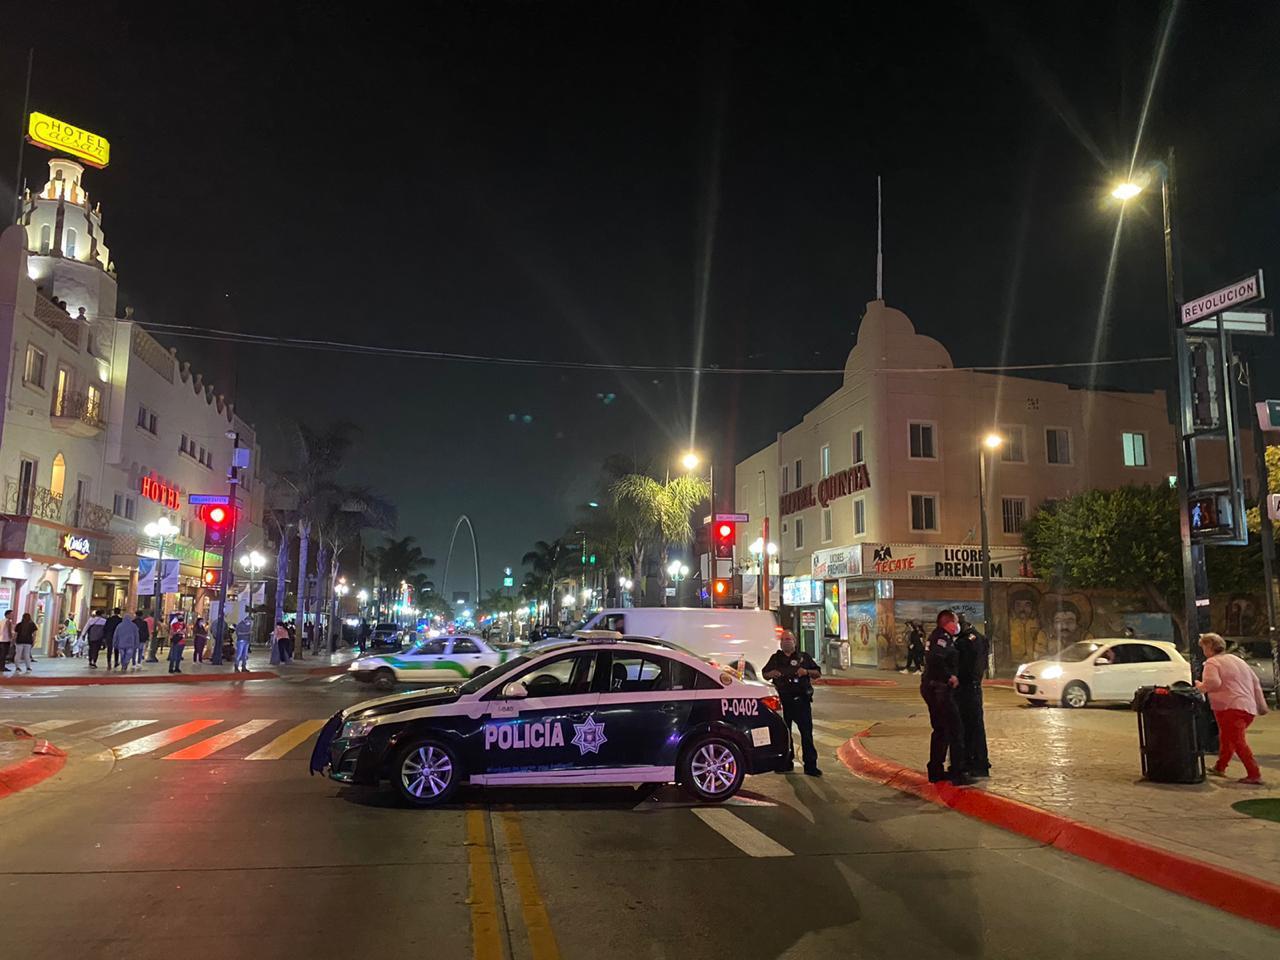 mas-de-40-choques-y-30-detenidos-en-operativos-por-fiestas-patrias